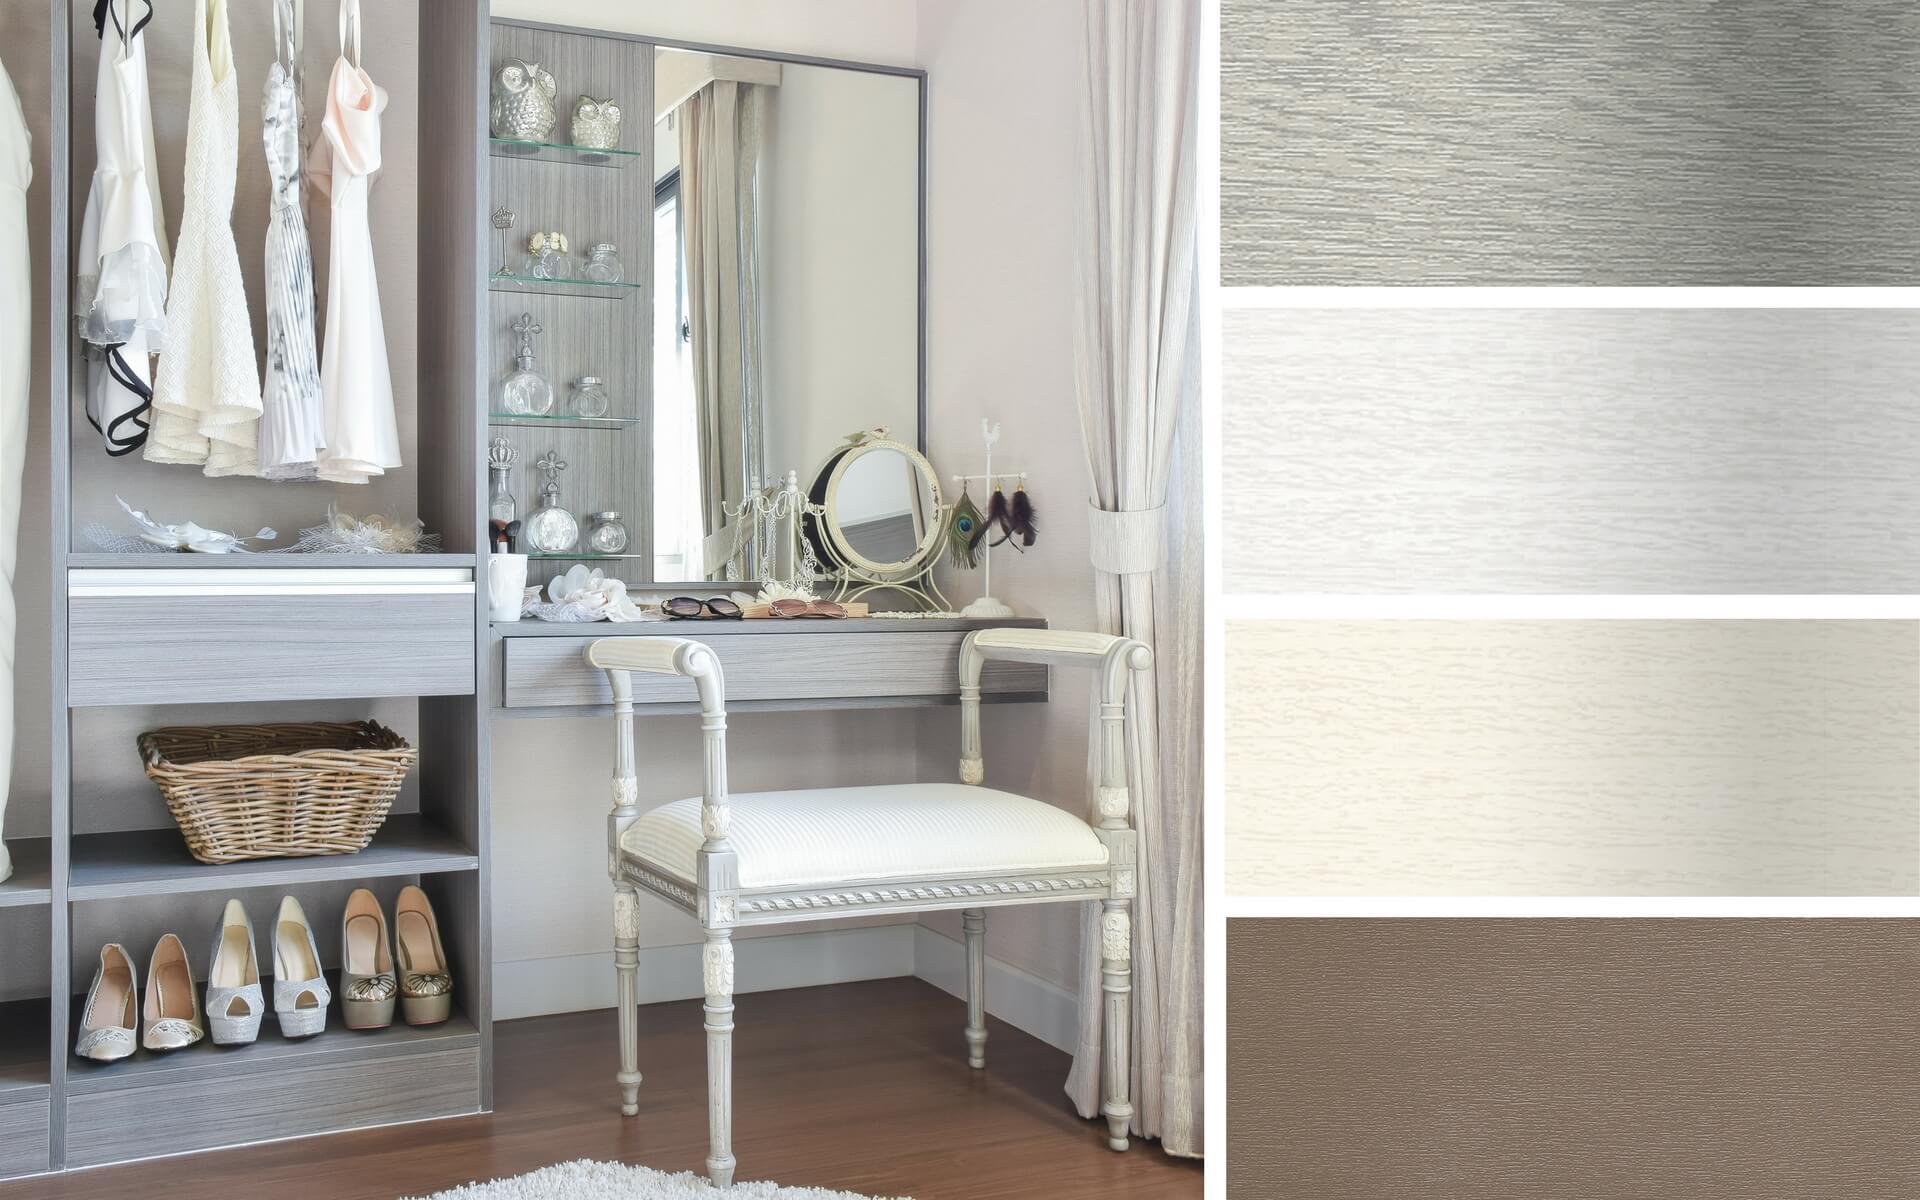 Consigli di come arredare la casa in stile shabby chic for Case arredate stile shabby